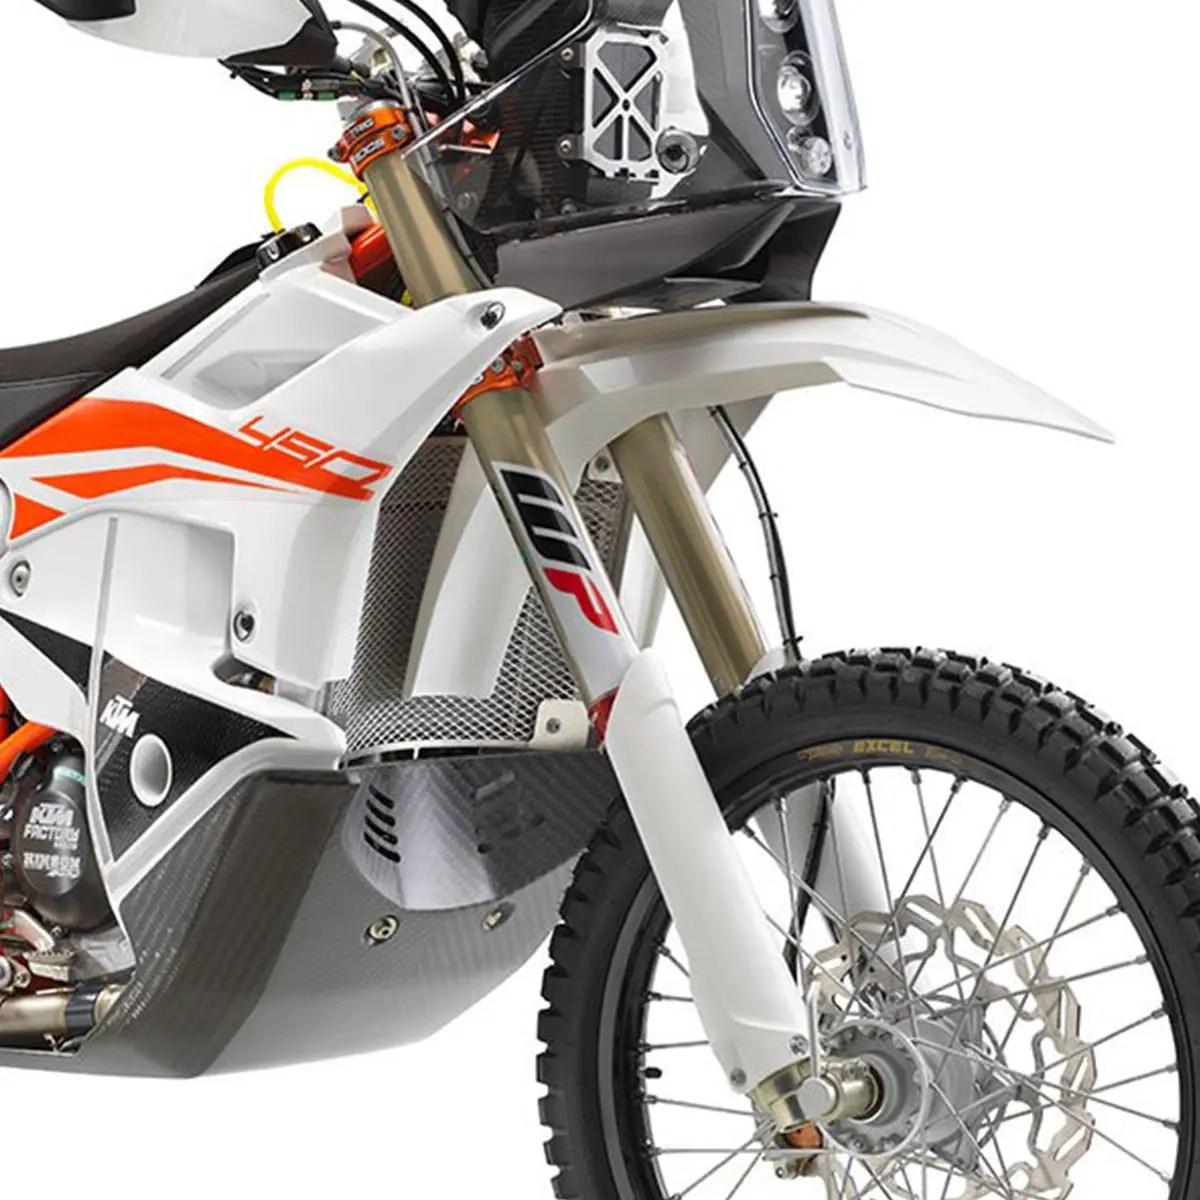 suspension-450-rally-replica-2020